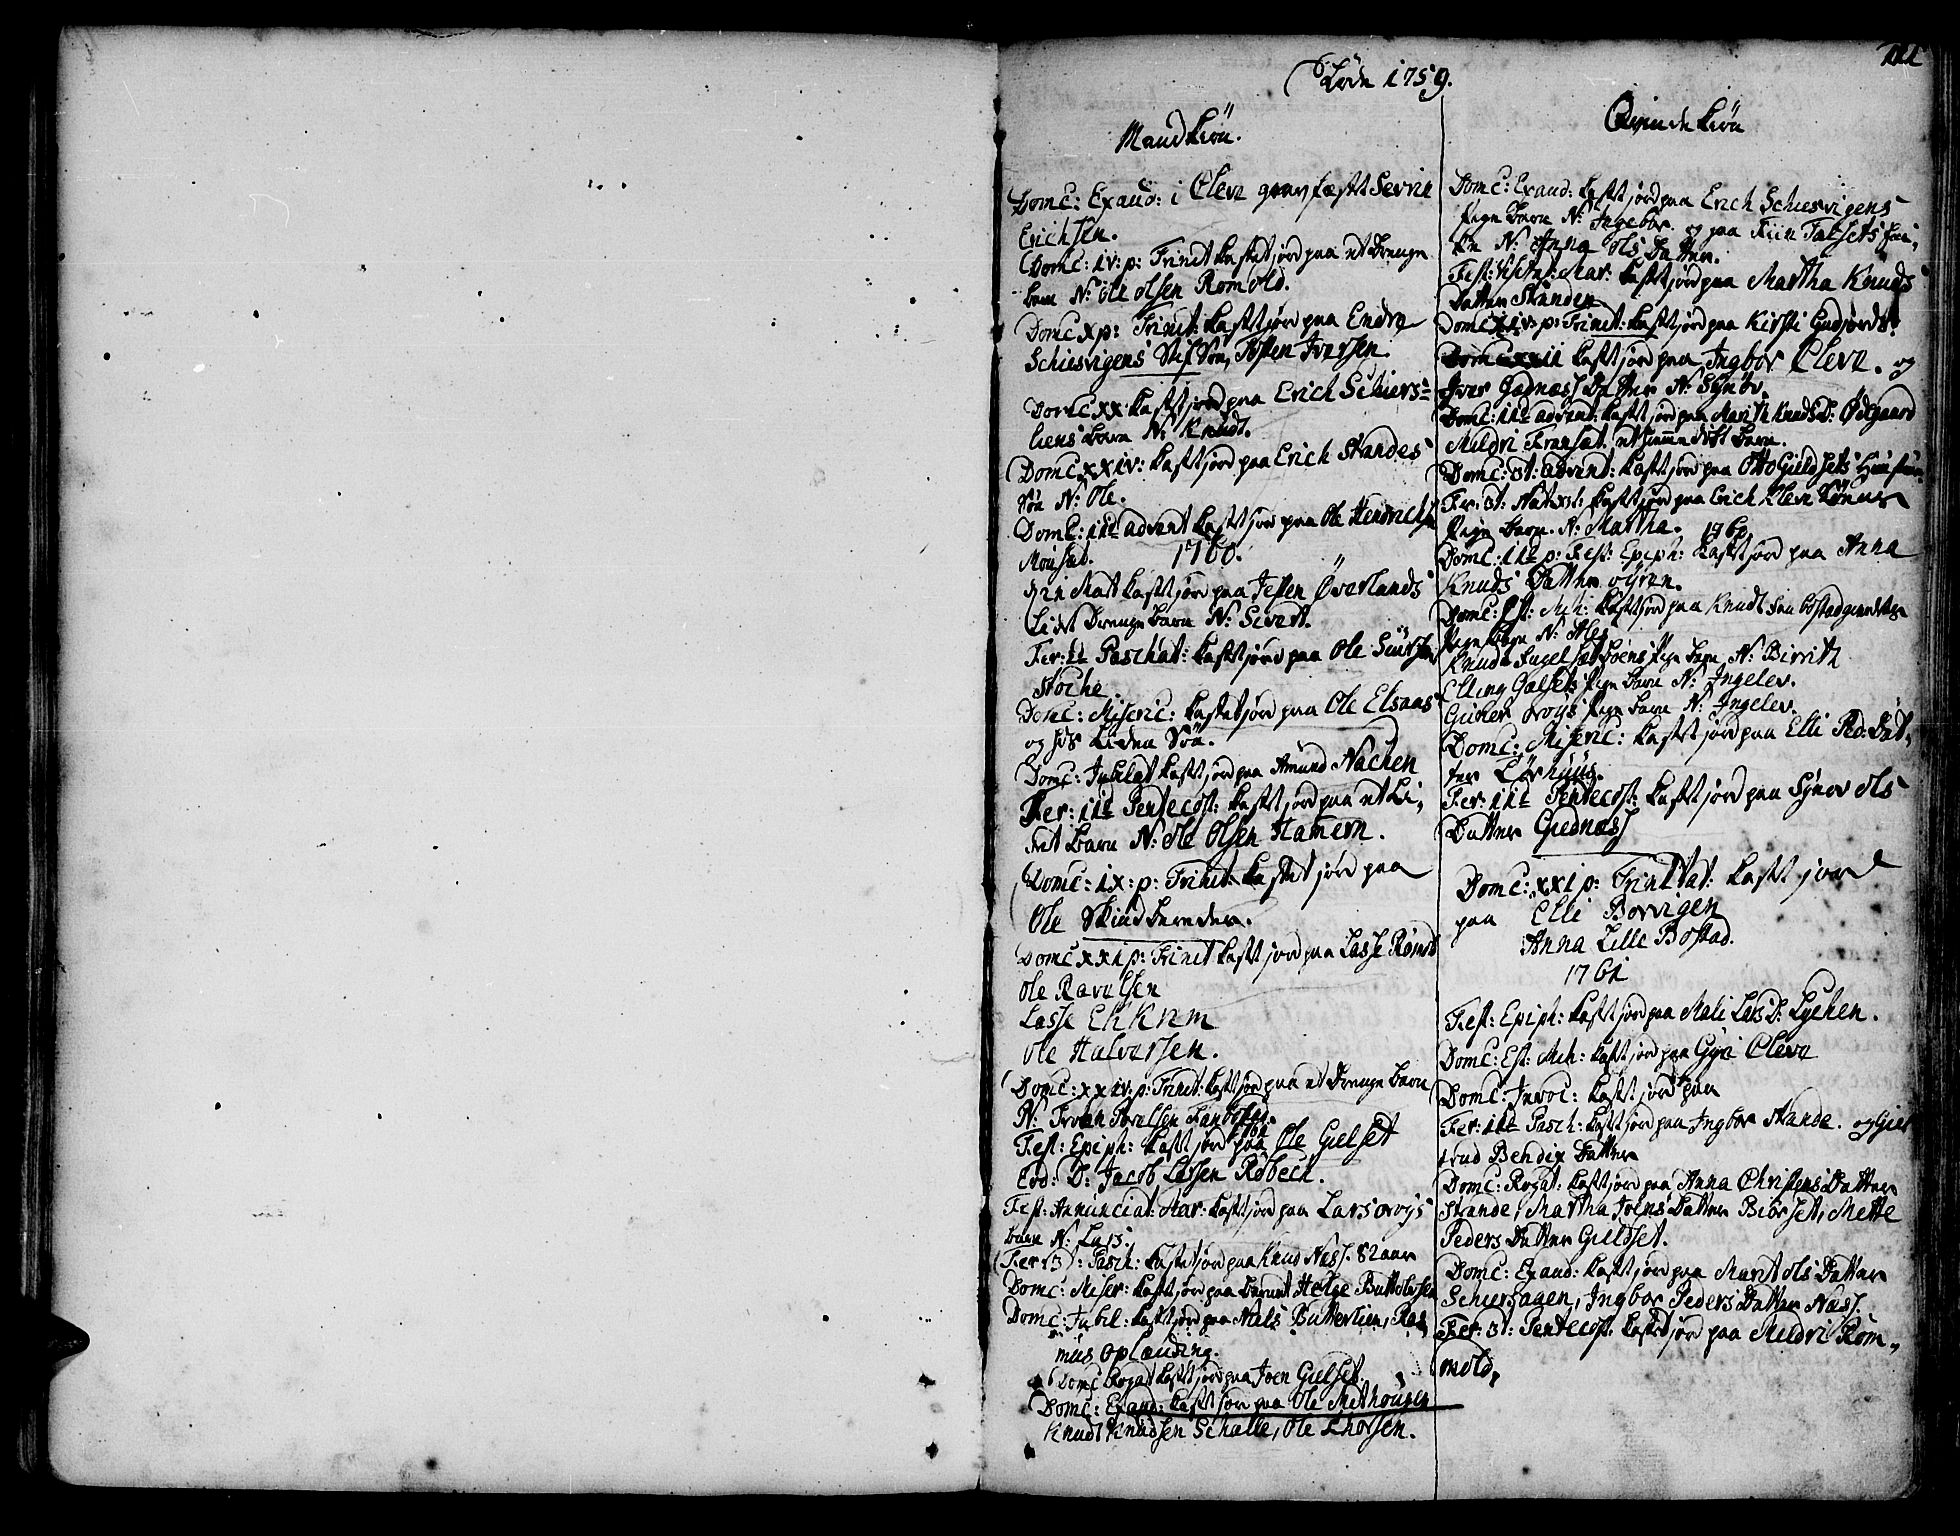 SAT, Ministerialprotokoller, klokkerbøker og fødselsregistre - Møre og Romsdal, 555/L0648: Parish register (official) no. 555A01, 1759-1793, p. 111